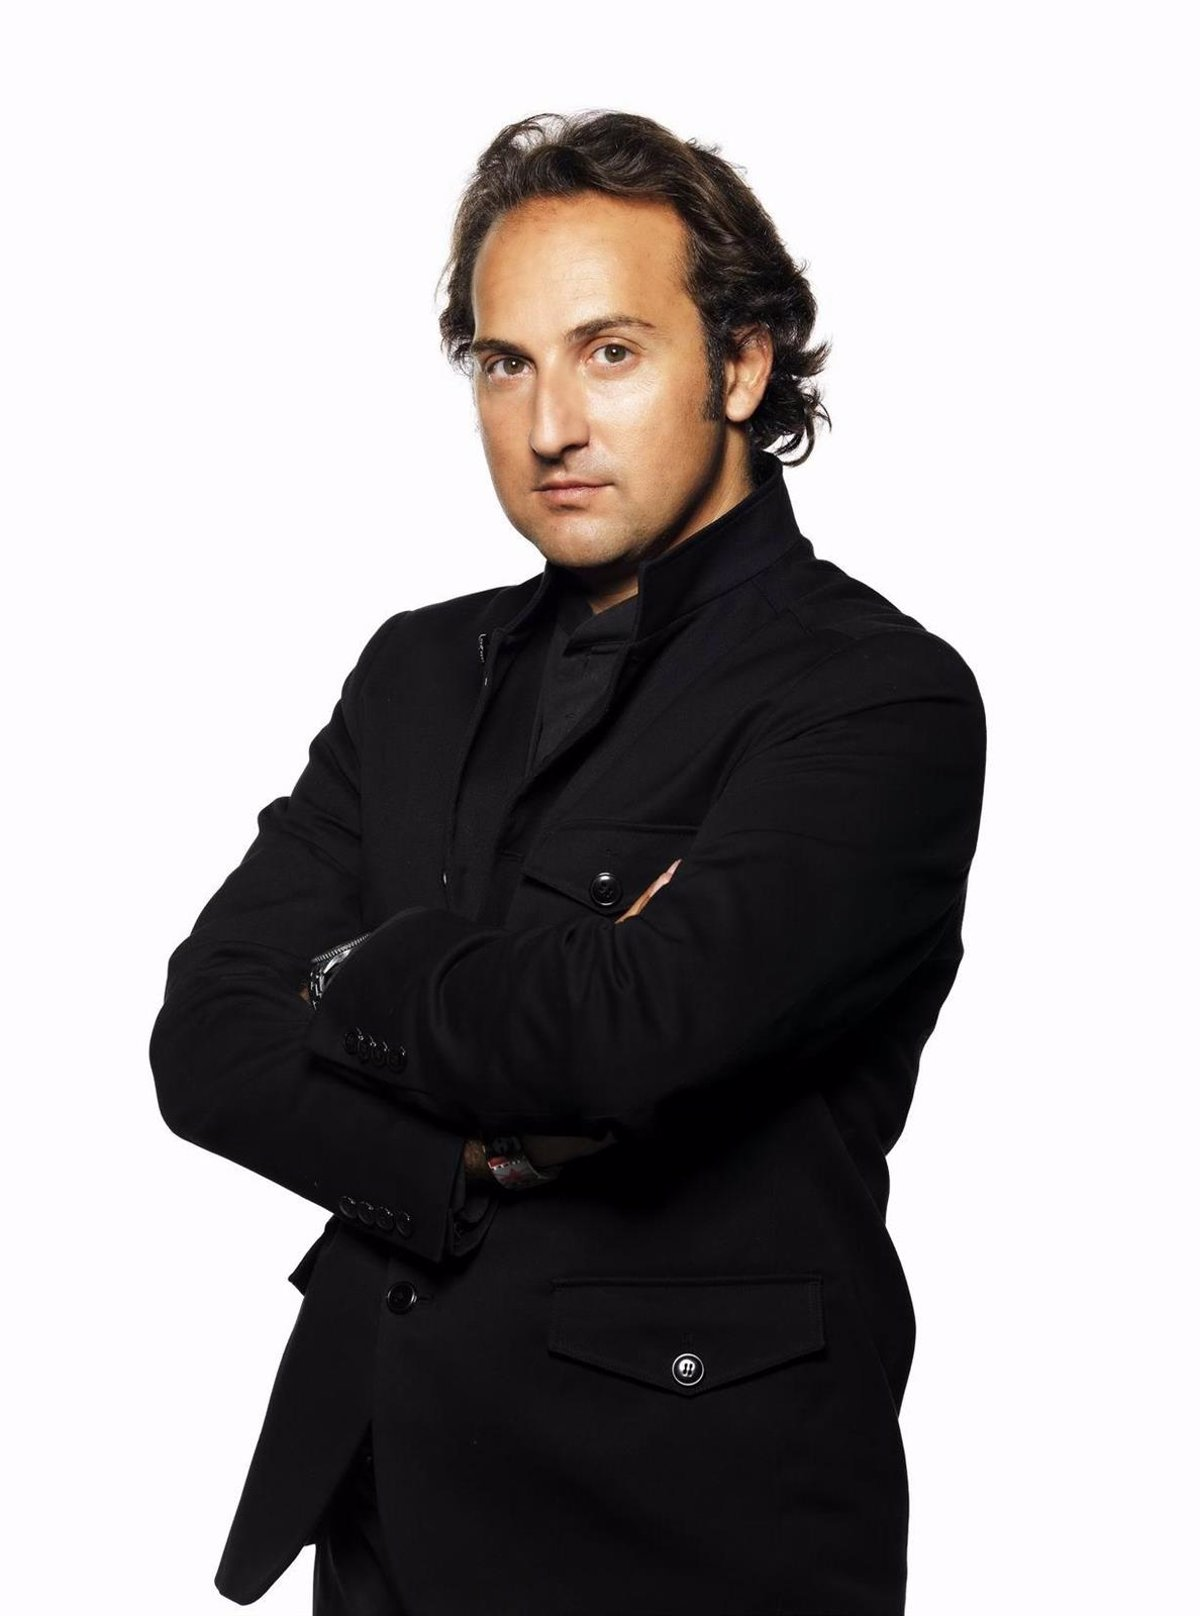 Milenio 3, el programa de radio de Iker Jiménez, se despide de sus oyentes